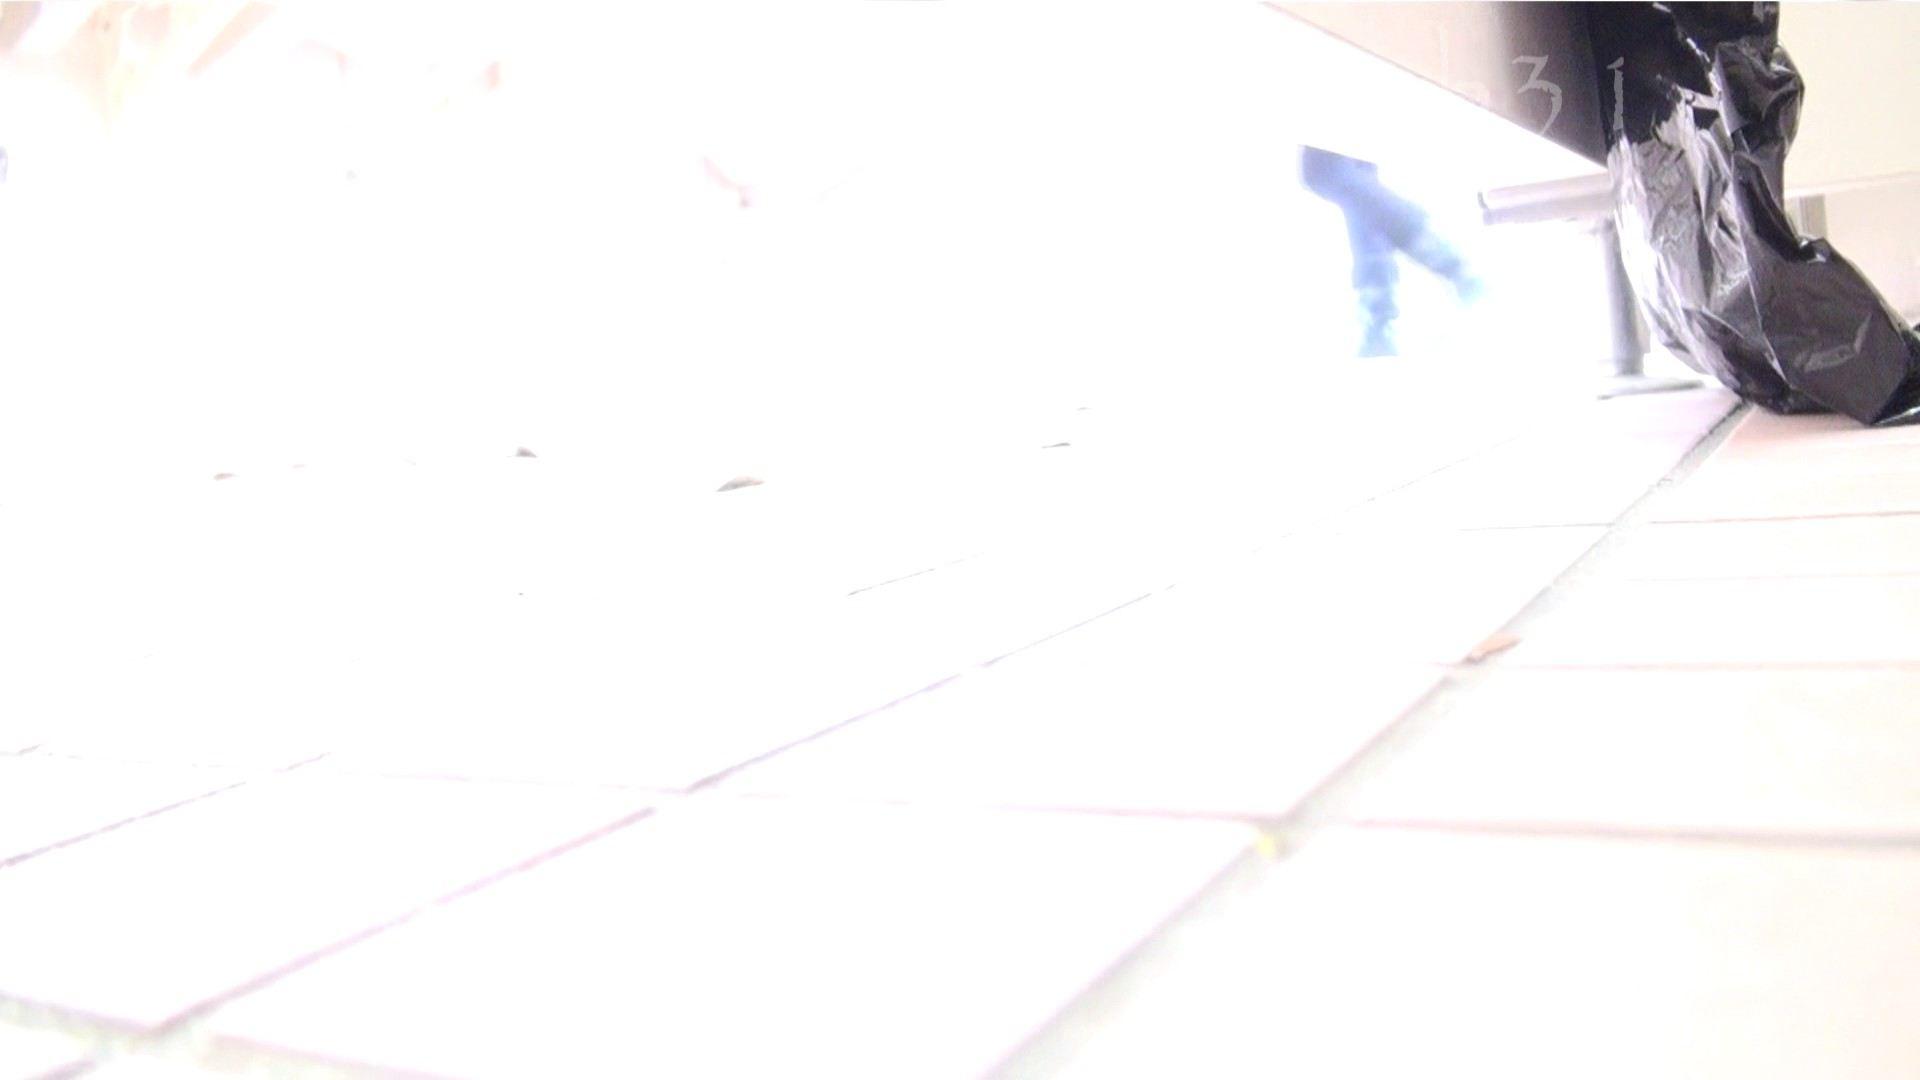 ※100個限定販売 至高下半身盗撮 プレミアム Vol.31 ハイビジョン ギャル達 オメコ無修正動画無料 112枚 62